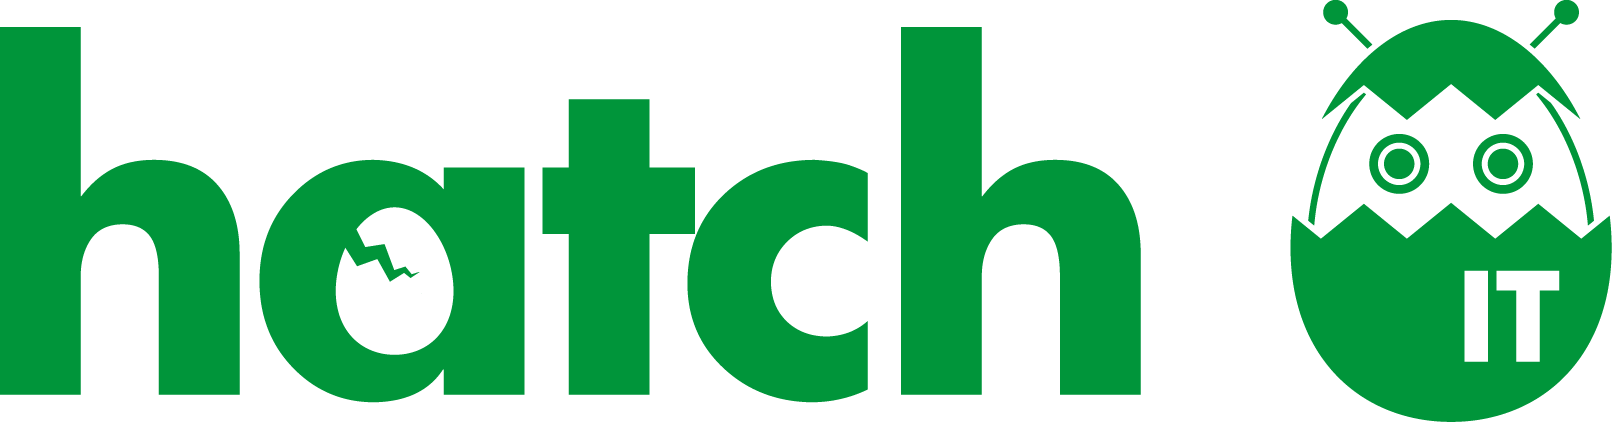 Hatch IT